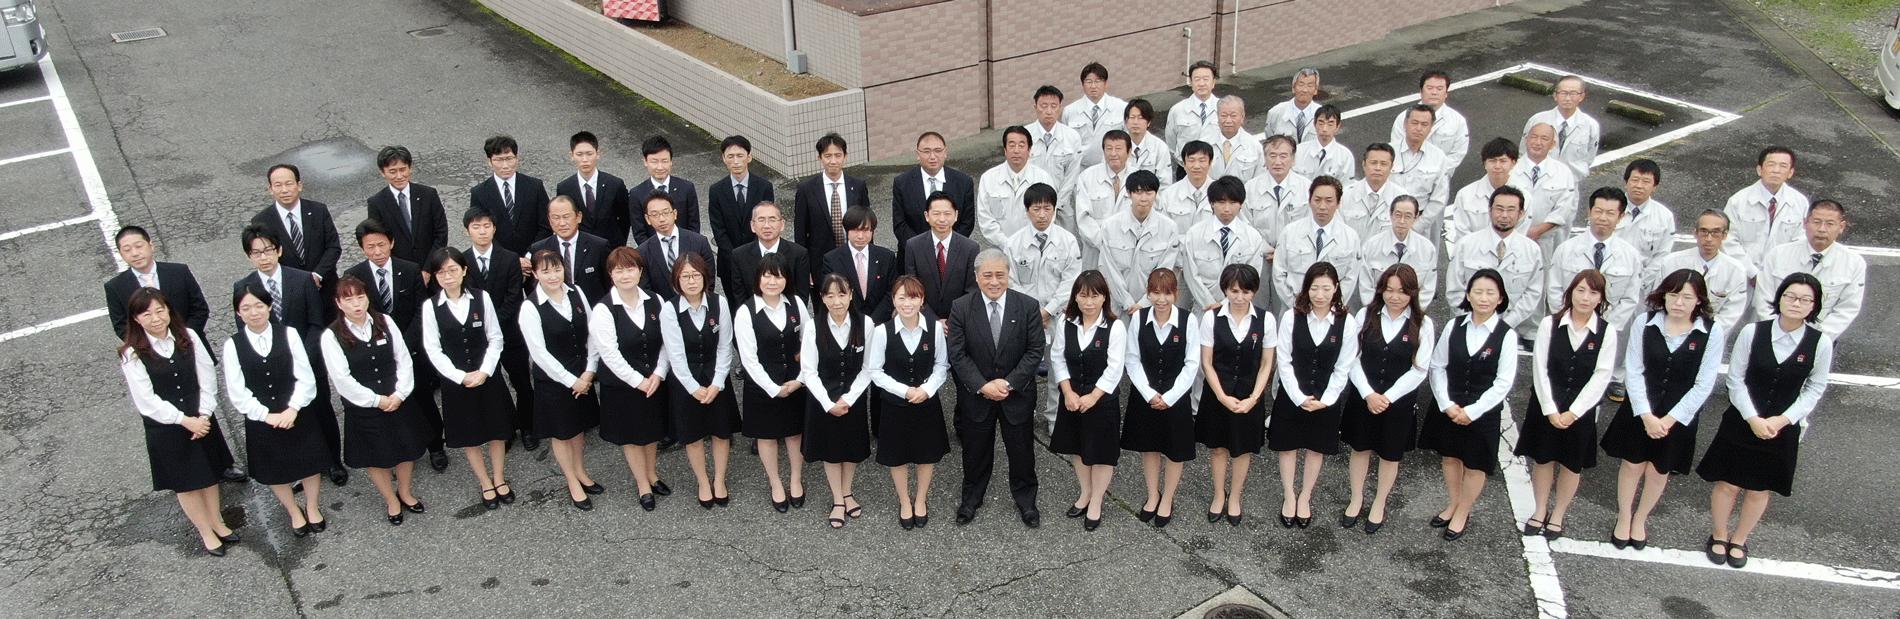 DJI_0380